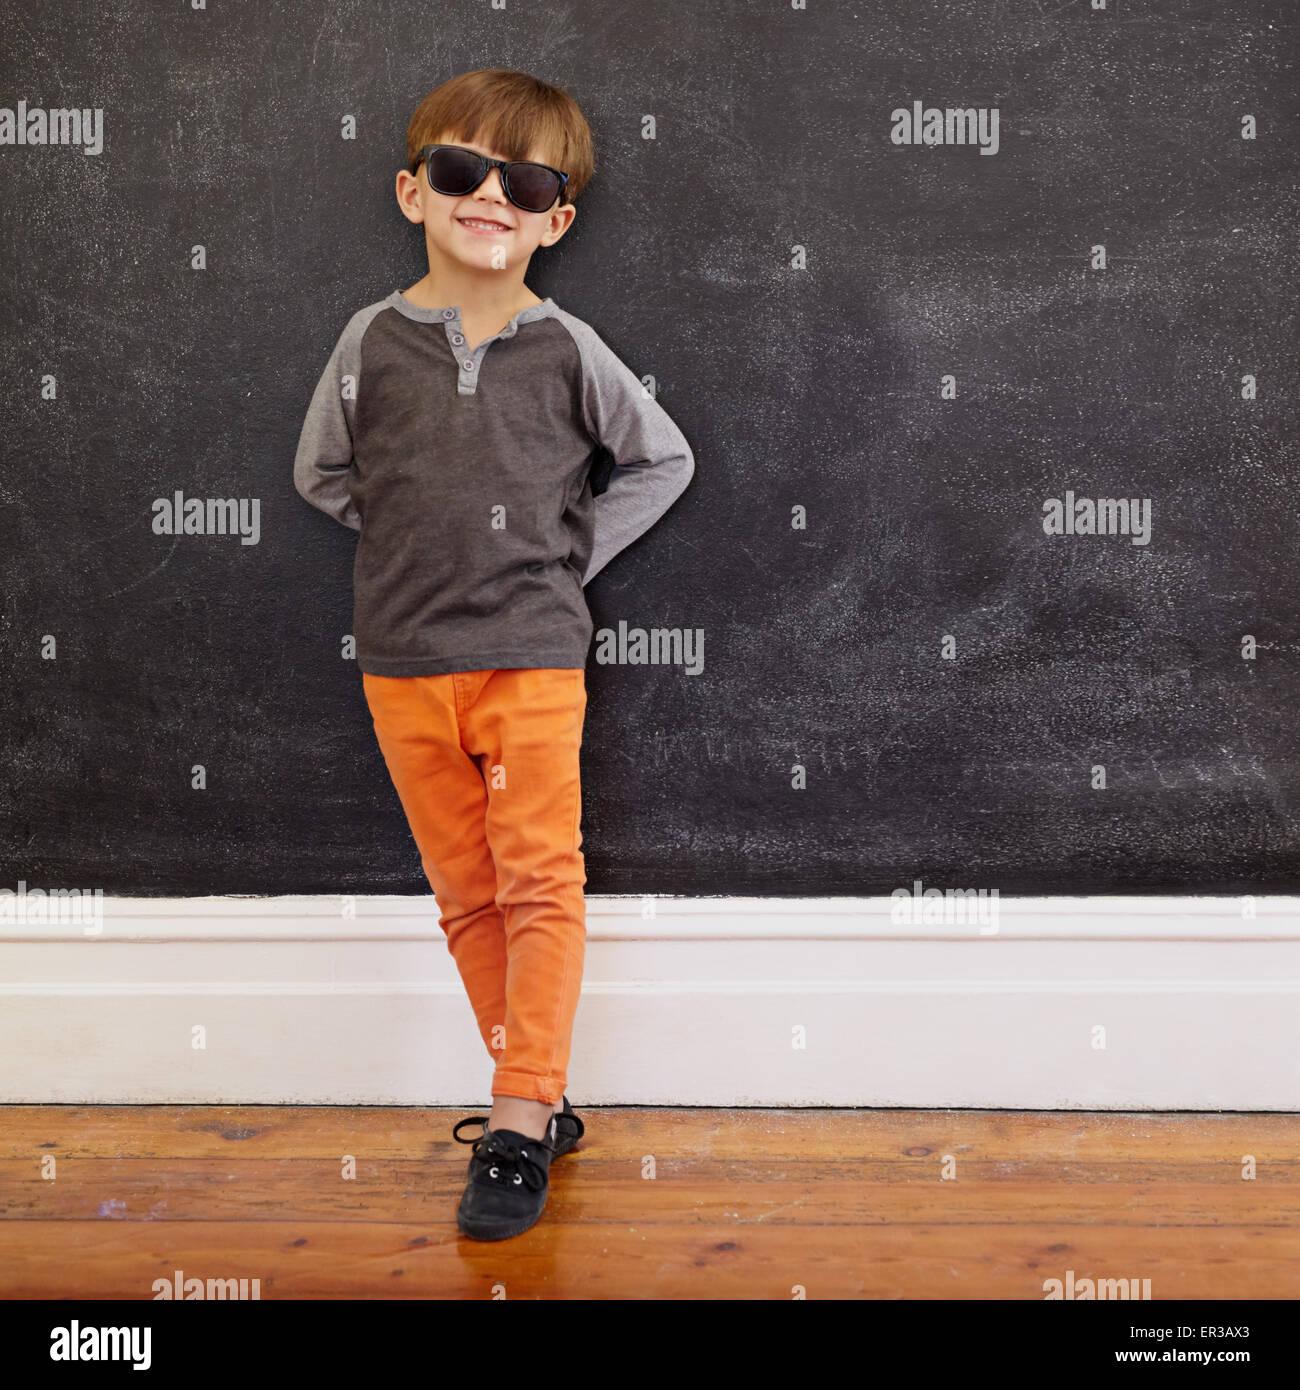 A piena lunghezza shot di eleganti little boy in piedi di fronte a una lavagna. Capretto caucasica indossando occhiali Immagini Stock